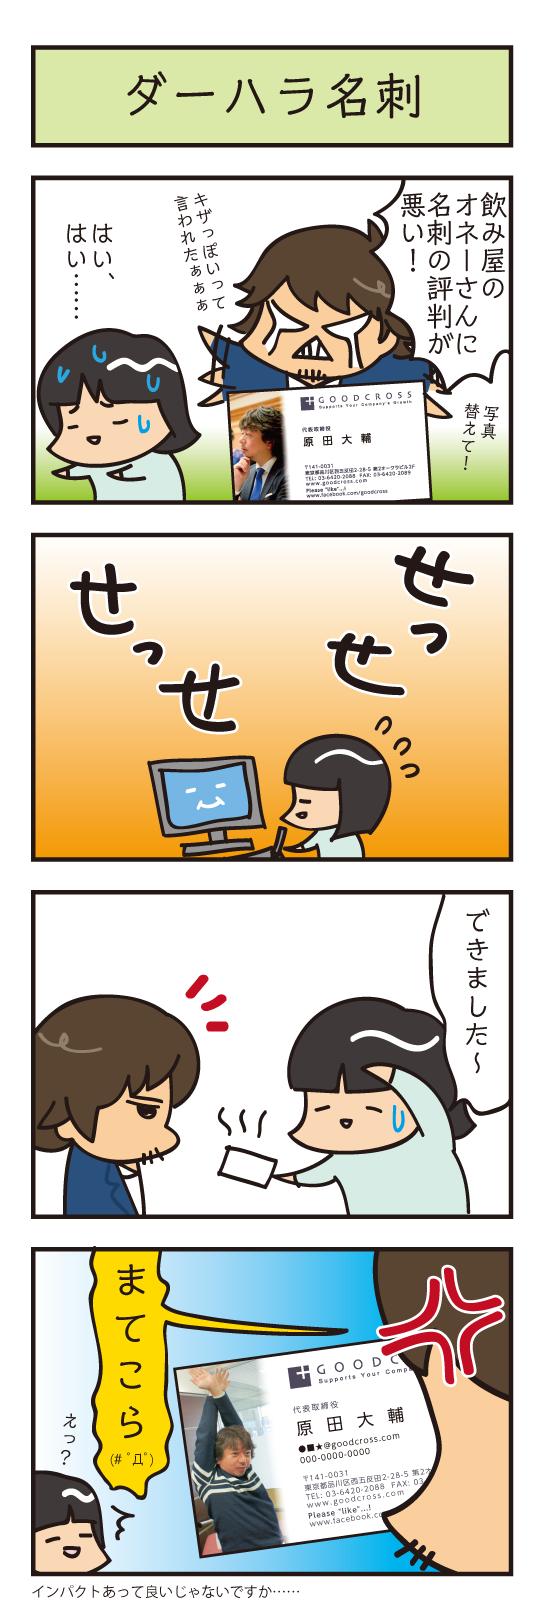 001-gc4koma2